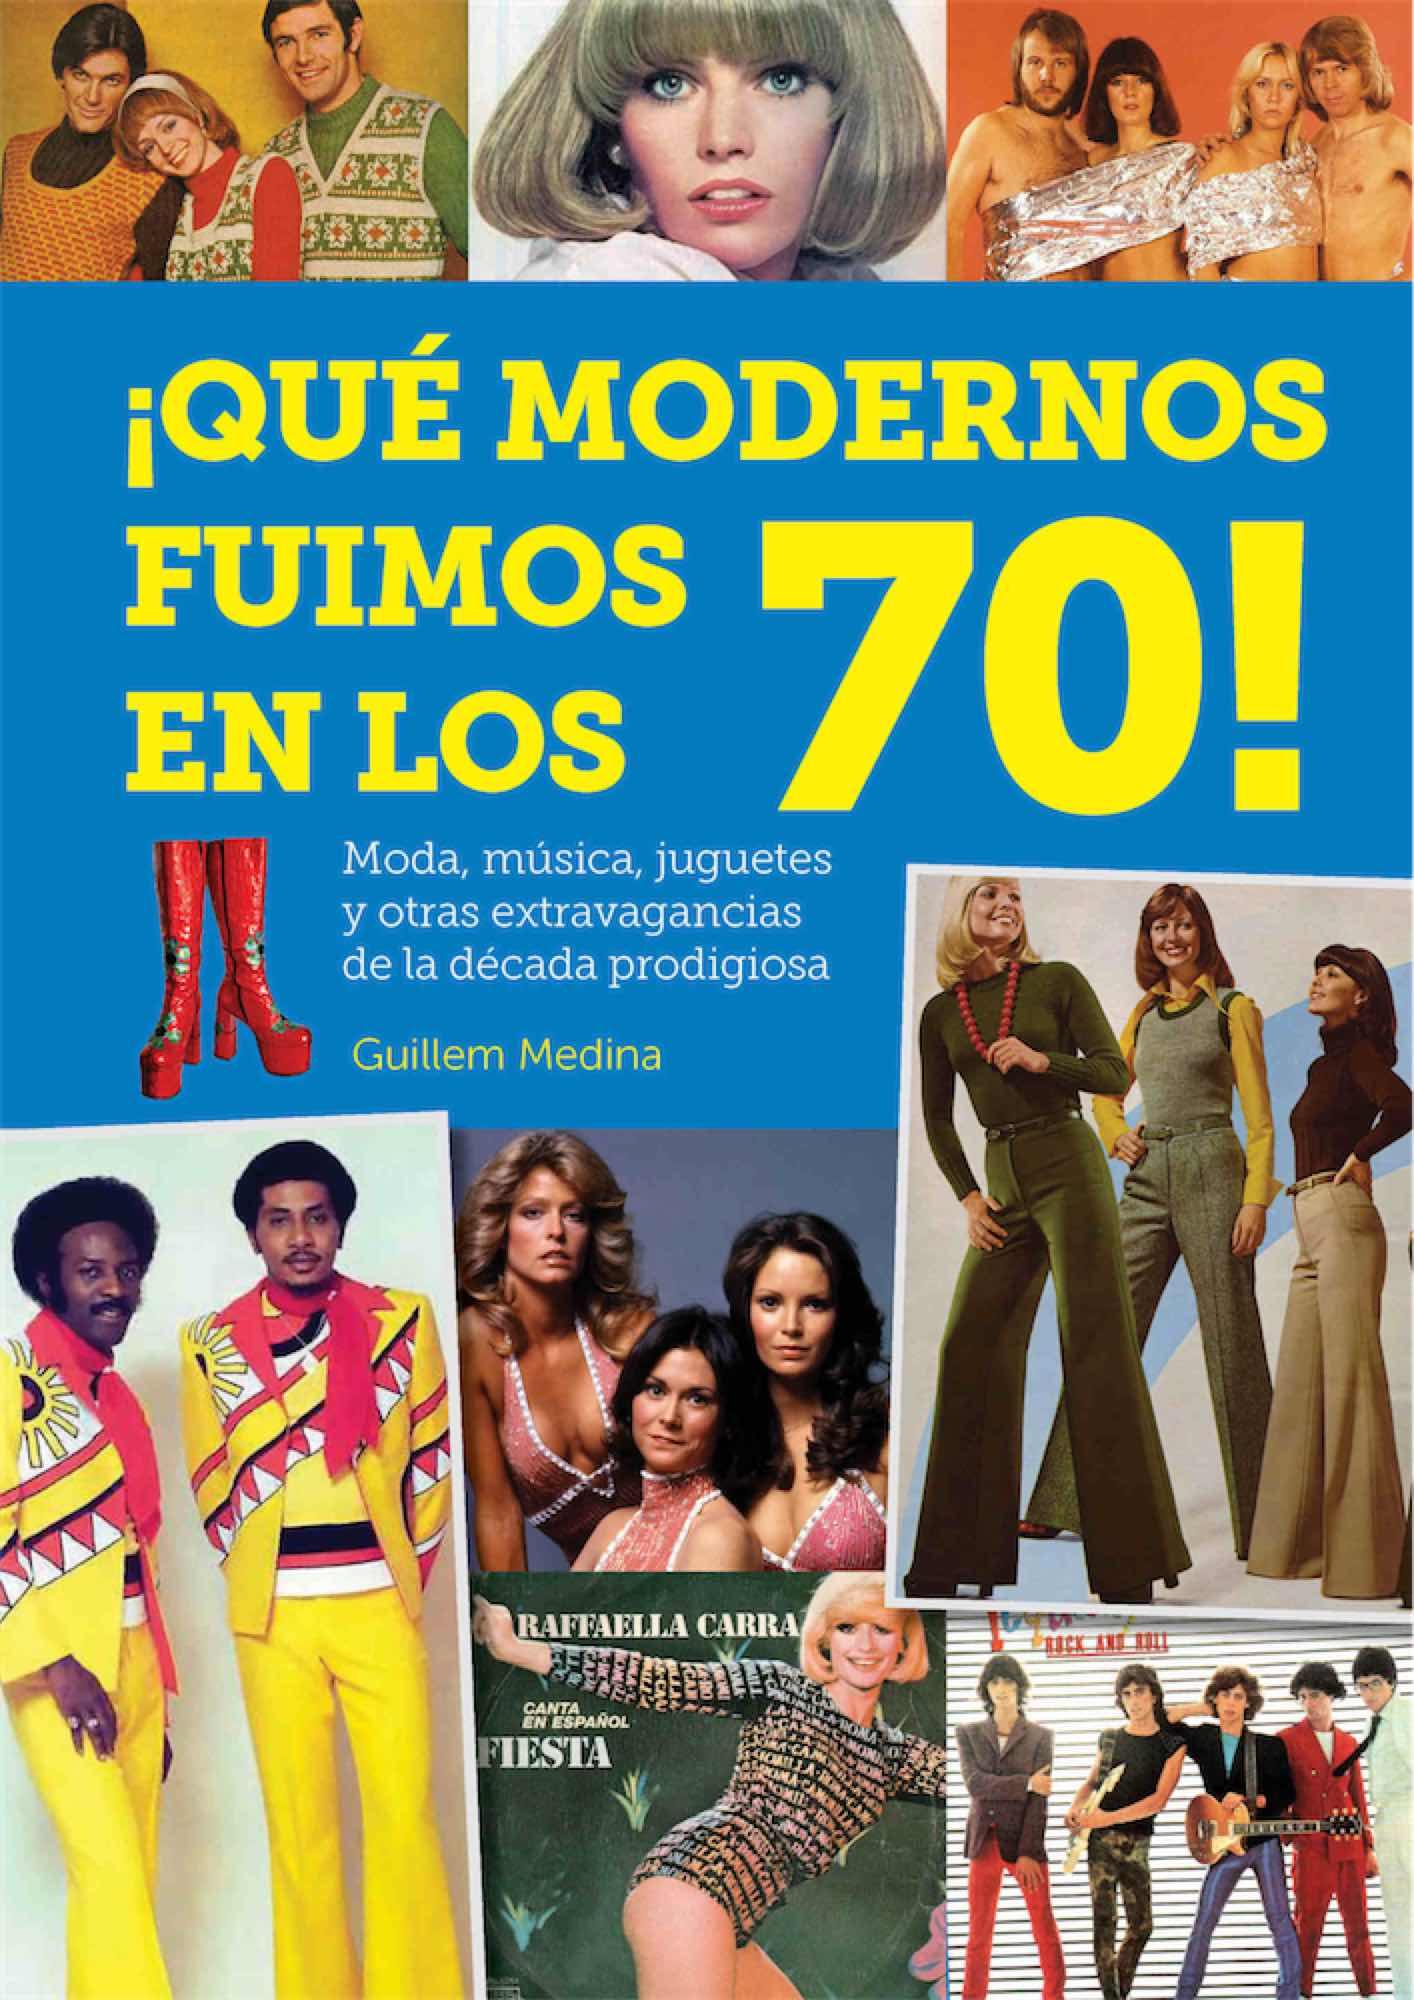 ¡QUE MODERNOS FUIMOS EN LOS 70!